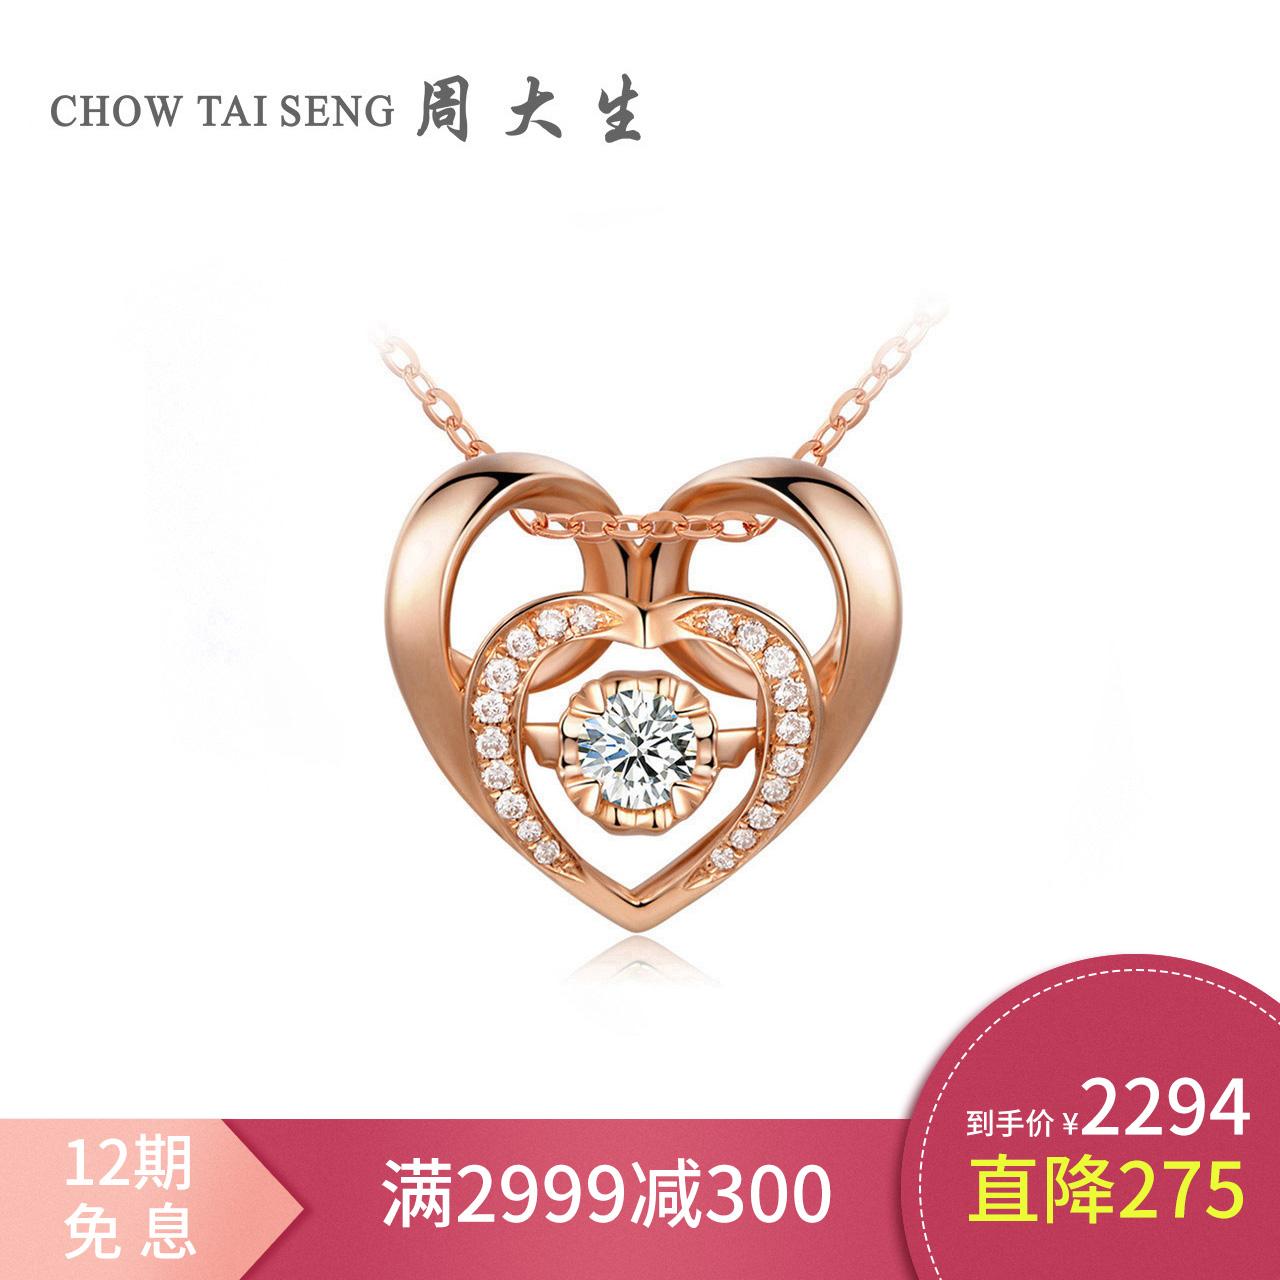 Неделю большой сырье алмаз подвески 18K платина выигрыши группа инкрустация сердце может быть оснащен ожерелье громадный однако сердце танабата подарок